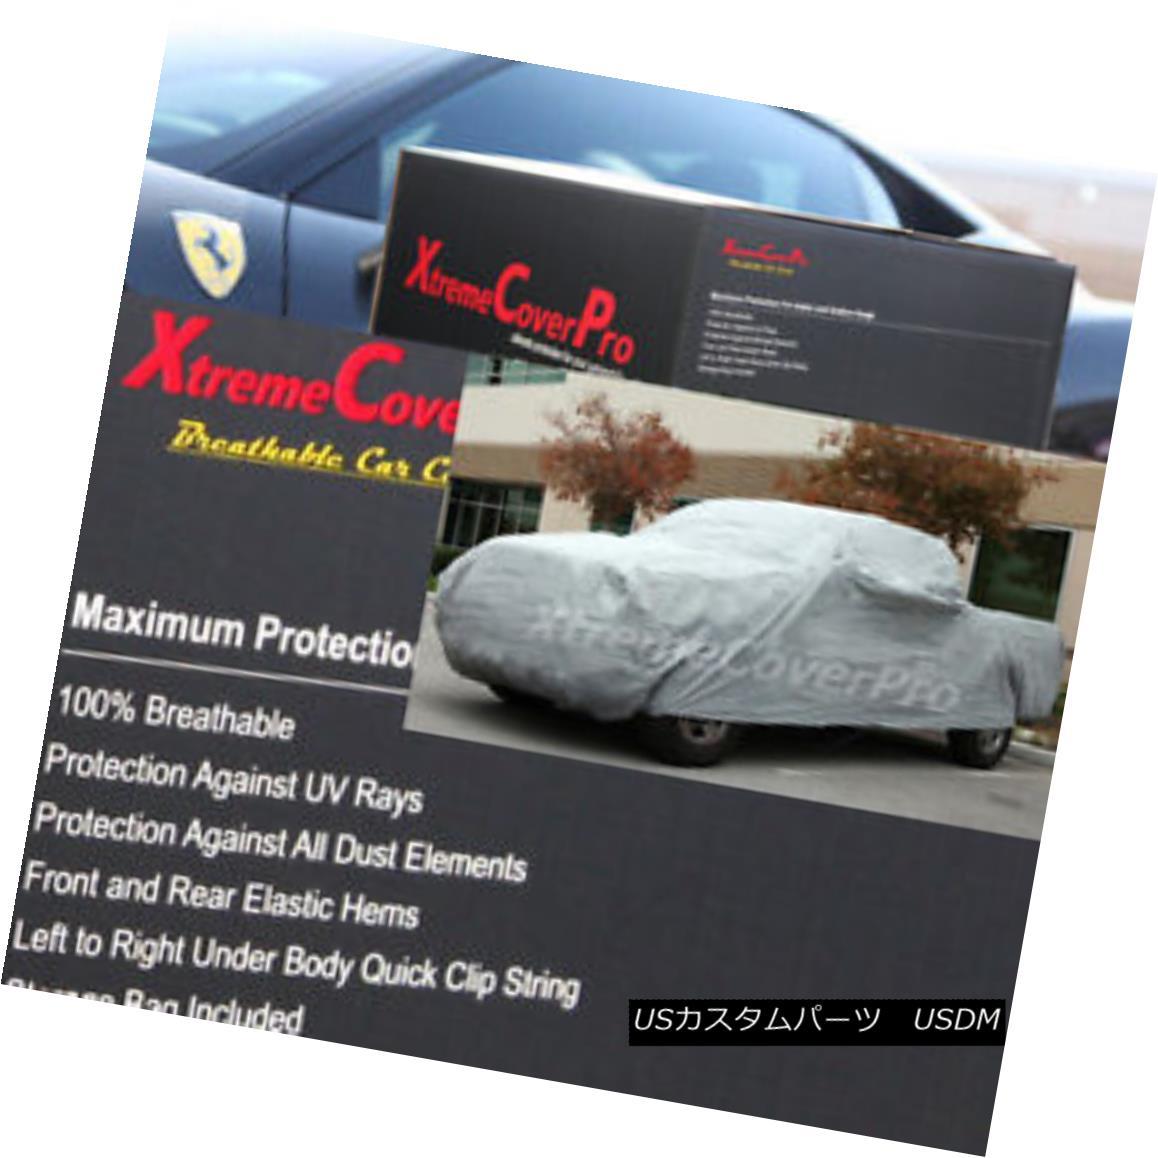 カーカバー 2009 2010 2011 2012 Ford F-150 SuperCrew 5.5ft Bed Breathable Truck Cover 2009 2010 2011 2012フォードF-150スーパークルー5.5フィートベッド通気性トラックカバー